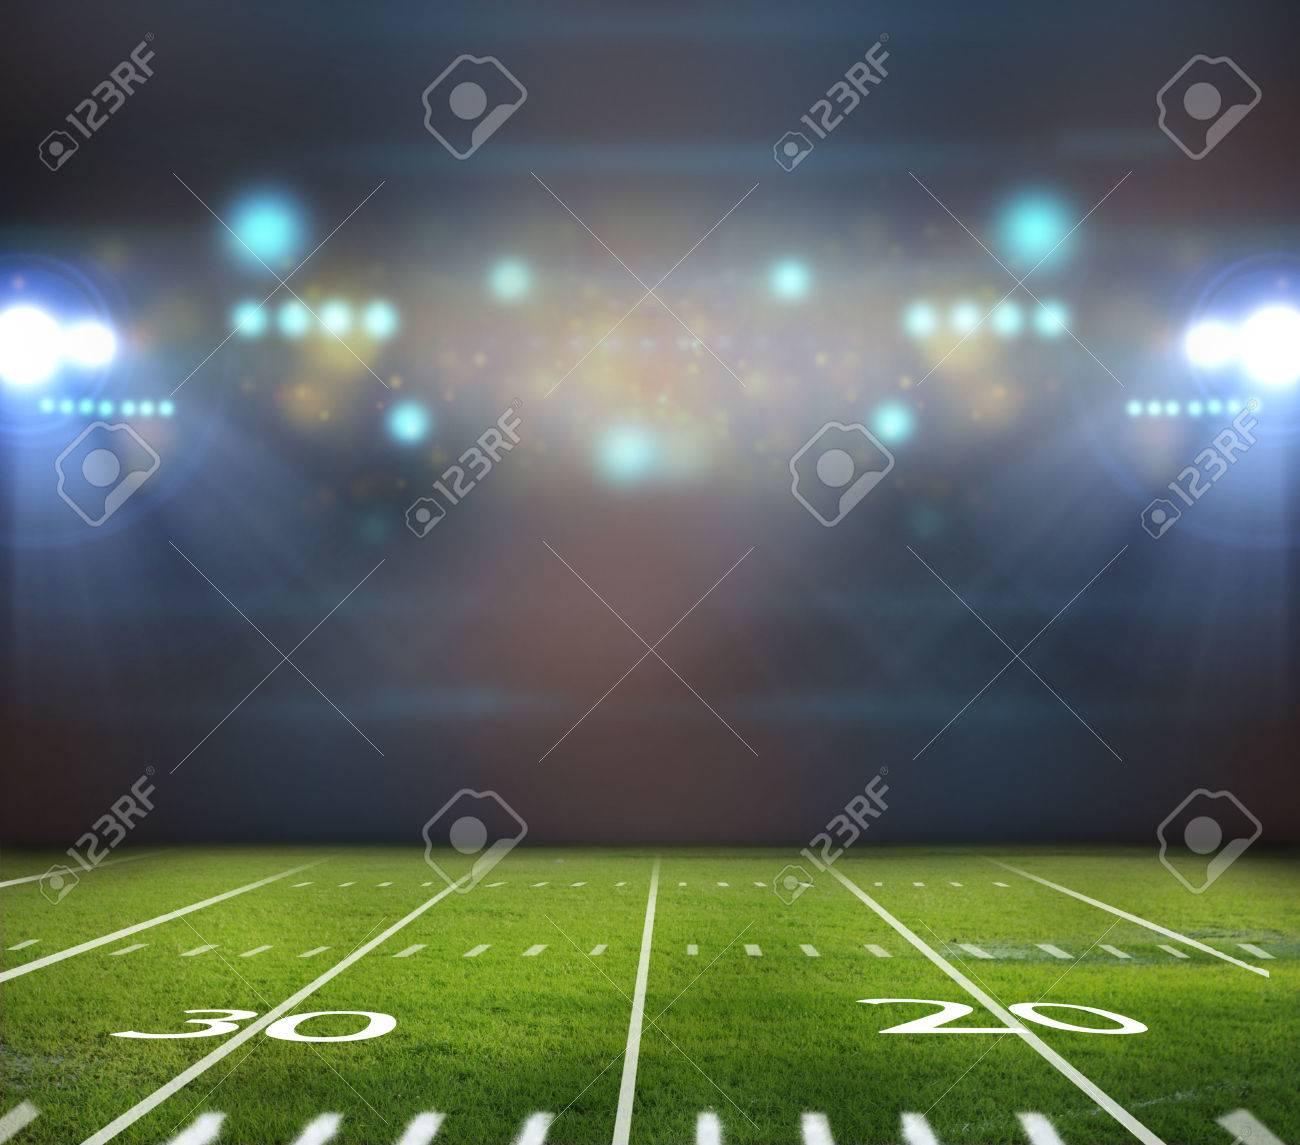 light of stadium - 32820044